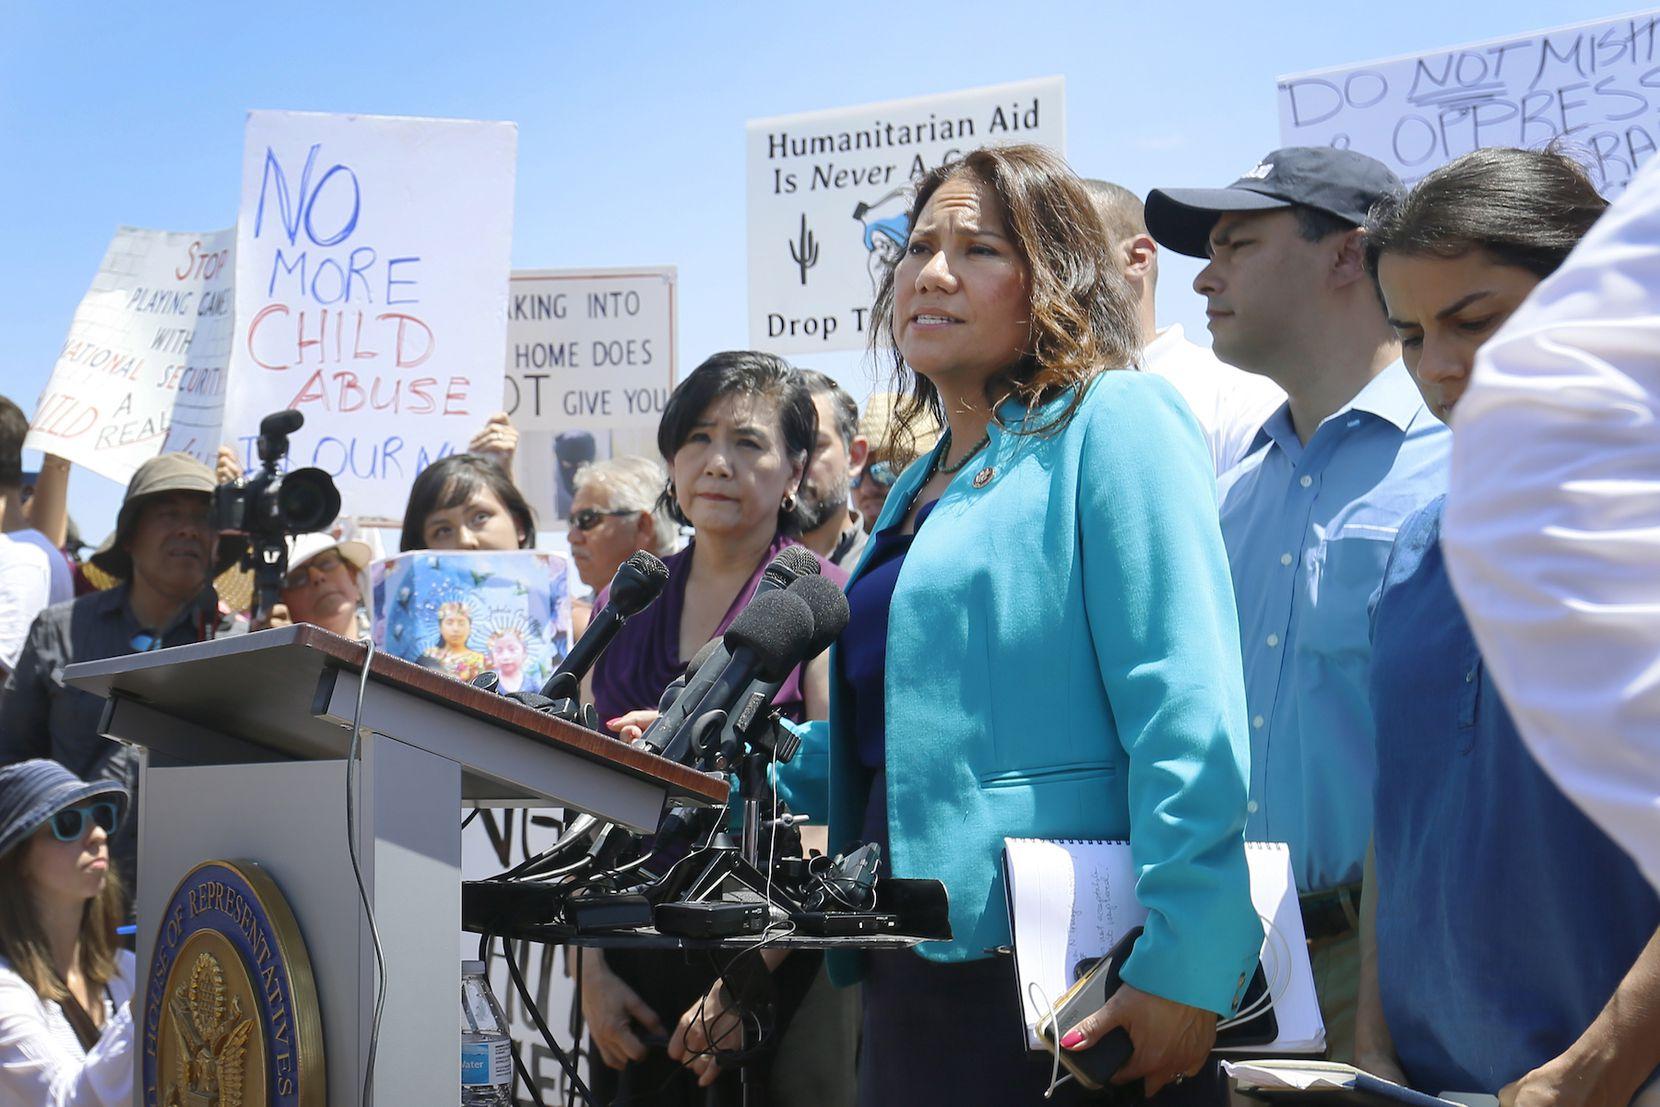 La representante demócrata Verónica Escobar de El Paso, en el centro de detención para menores migrantes en Clint, Texas. (Briana Sanchez / El Paso Times via AP)